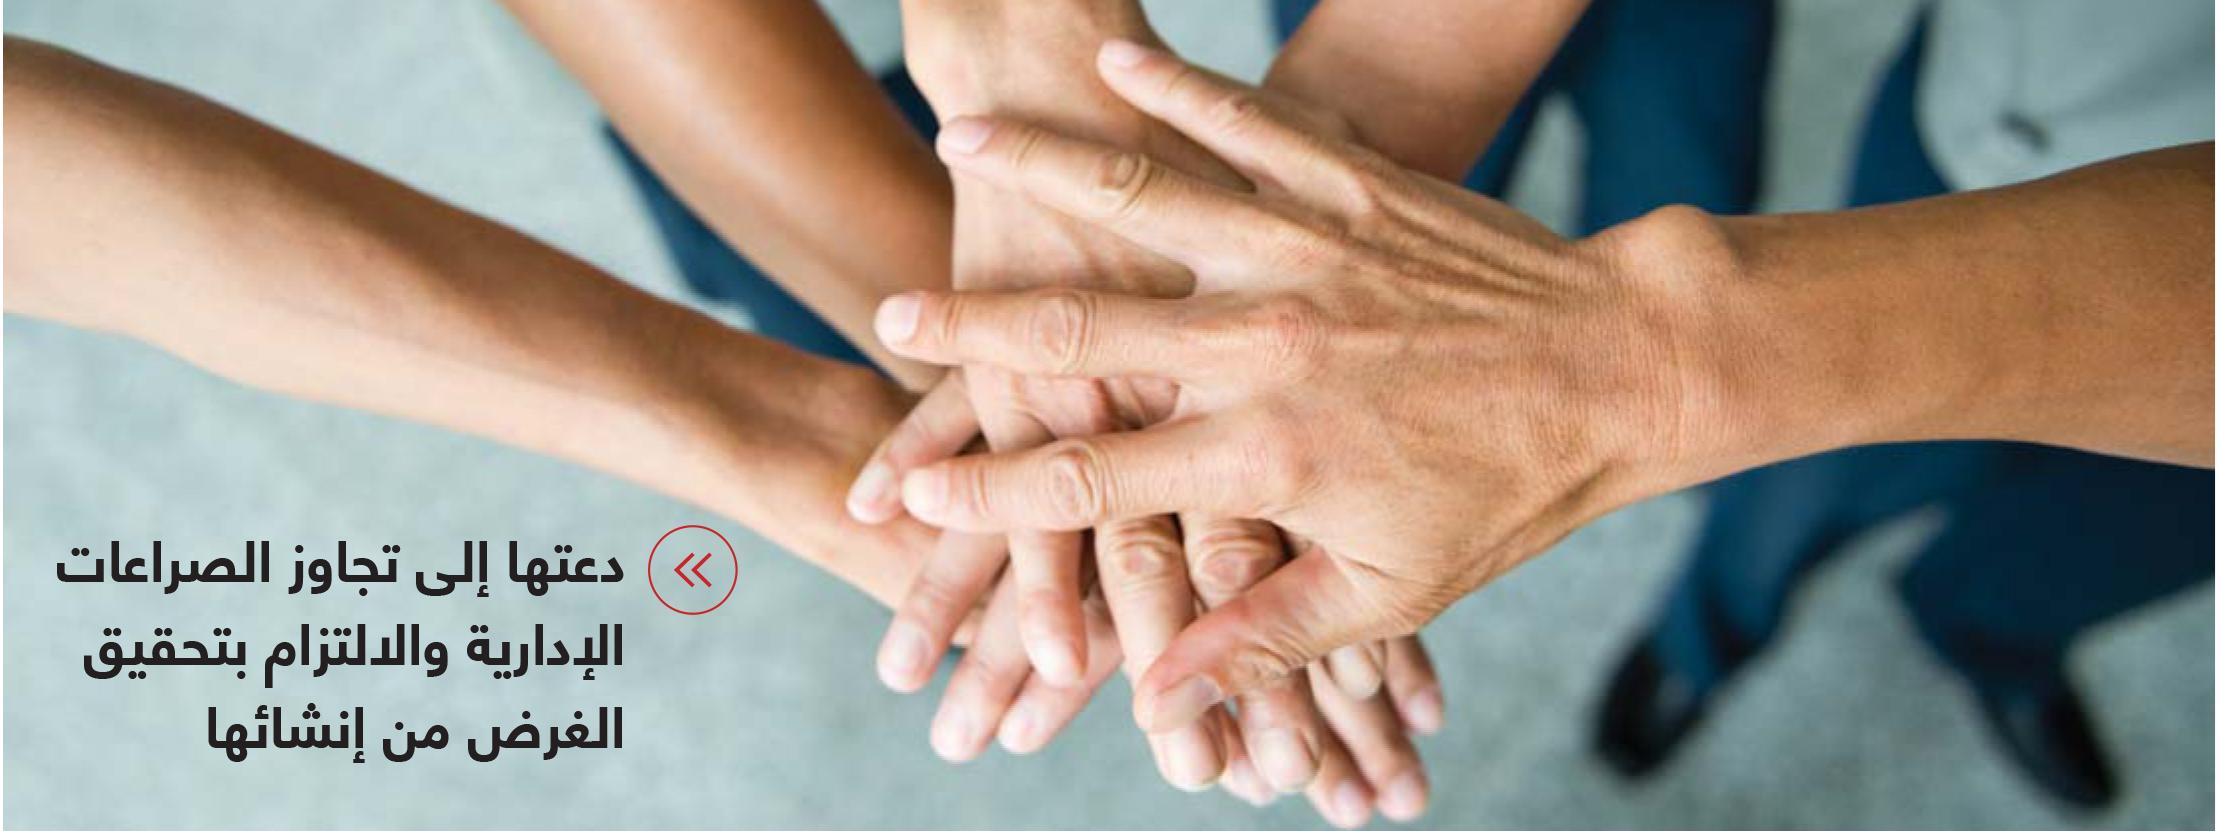 «التنمية الاجتماعية»: لا ضوابط محددة لتمويل الجمعيات المهنية